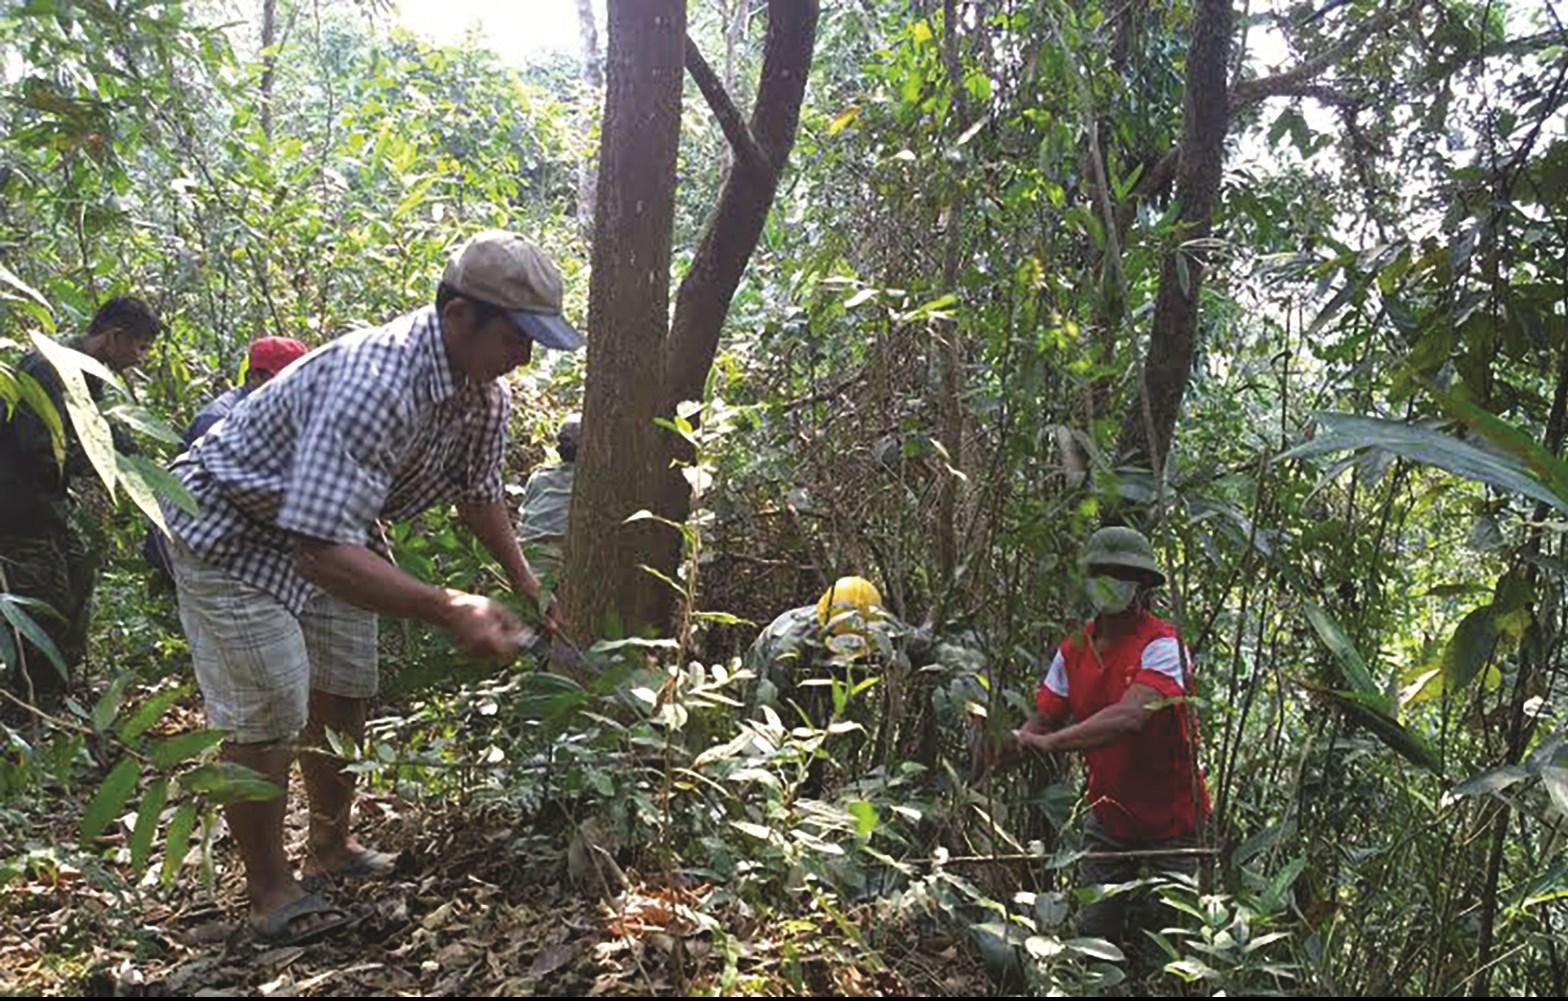 Người dân huyện Nậm Nhùn (Lai Châu) phát dọn ngăn ngừa nguy cơ cháy rừng